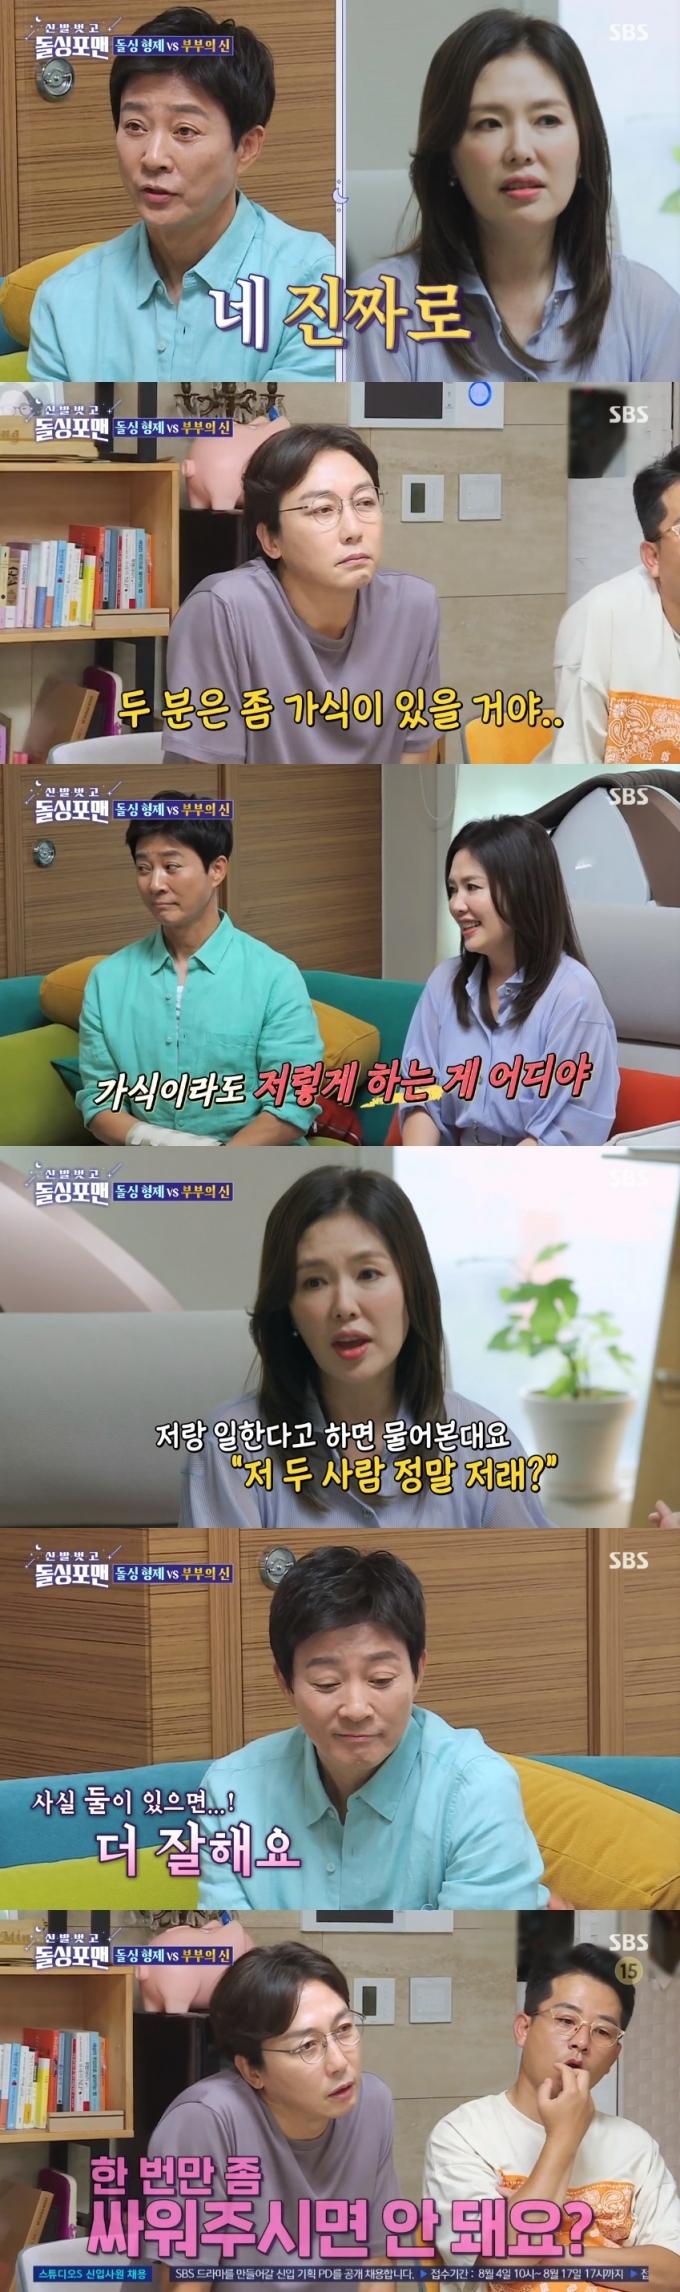 SBS '신발 벗고 돌싱포맨' 캡처 © 뉴스1